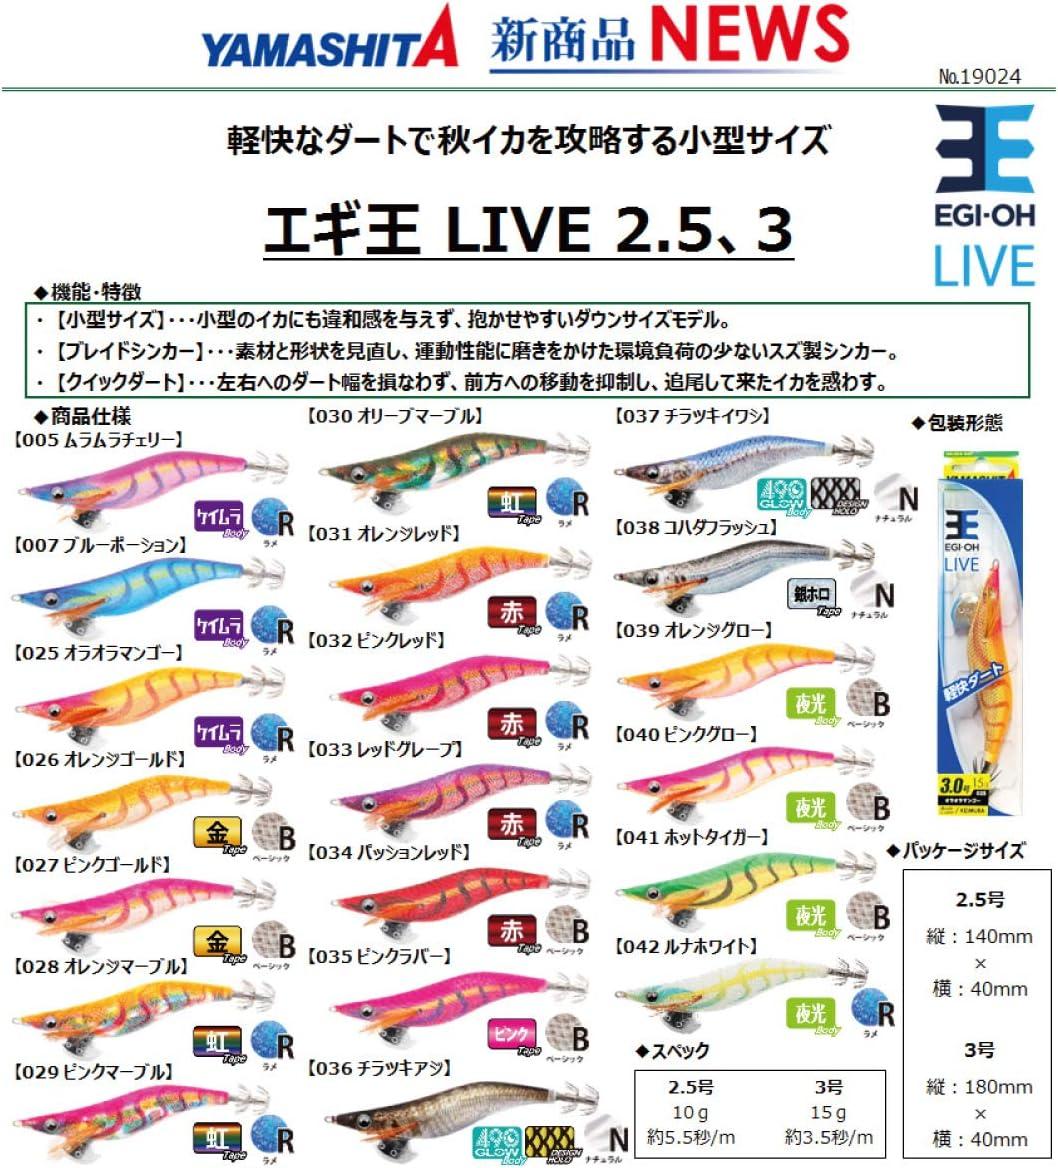 Yamashita EGI-Oh Live 2.5-10 GRS 039